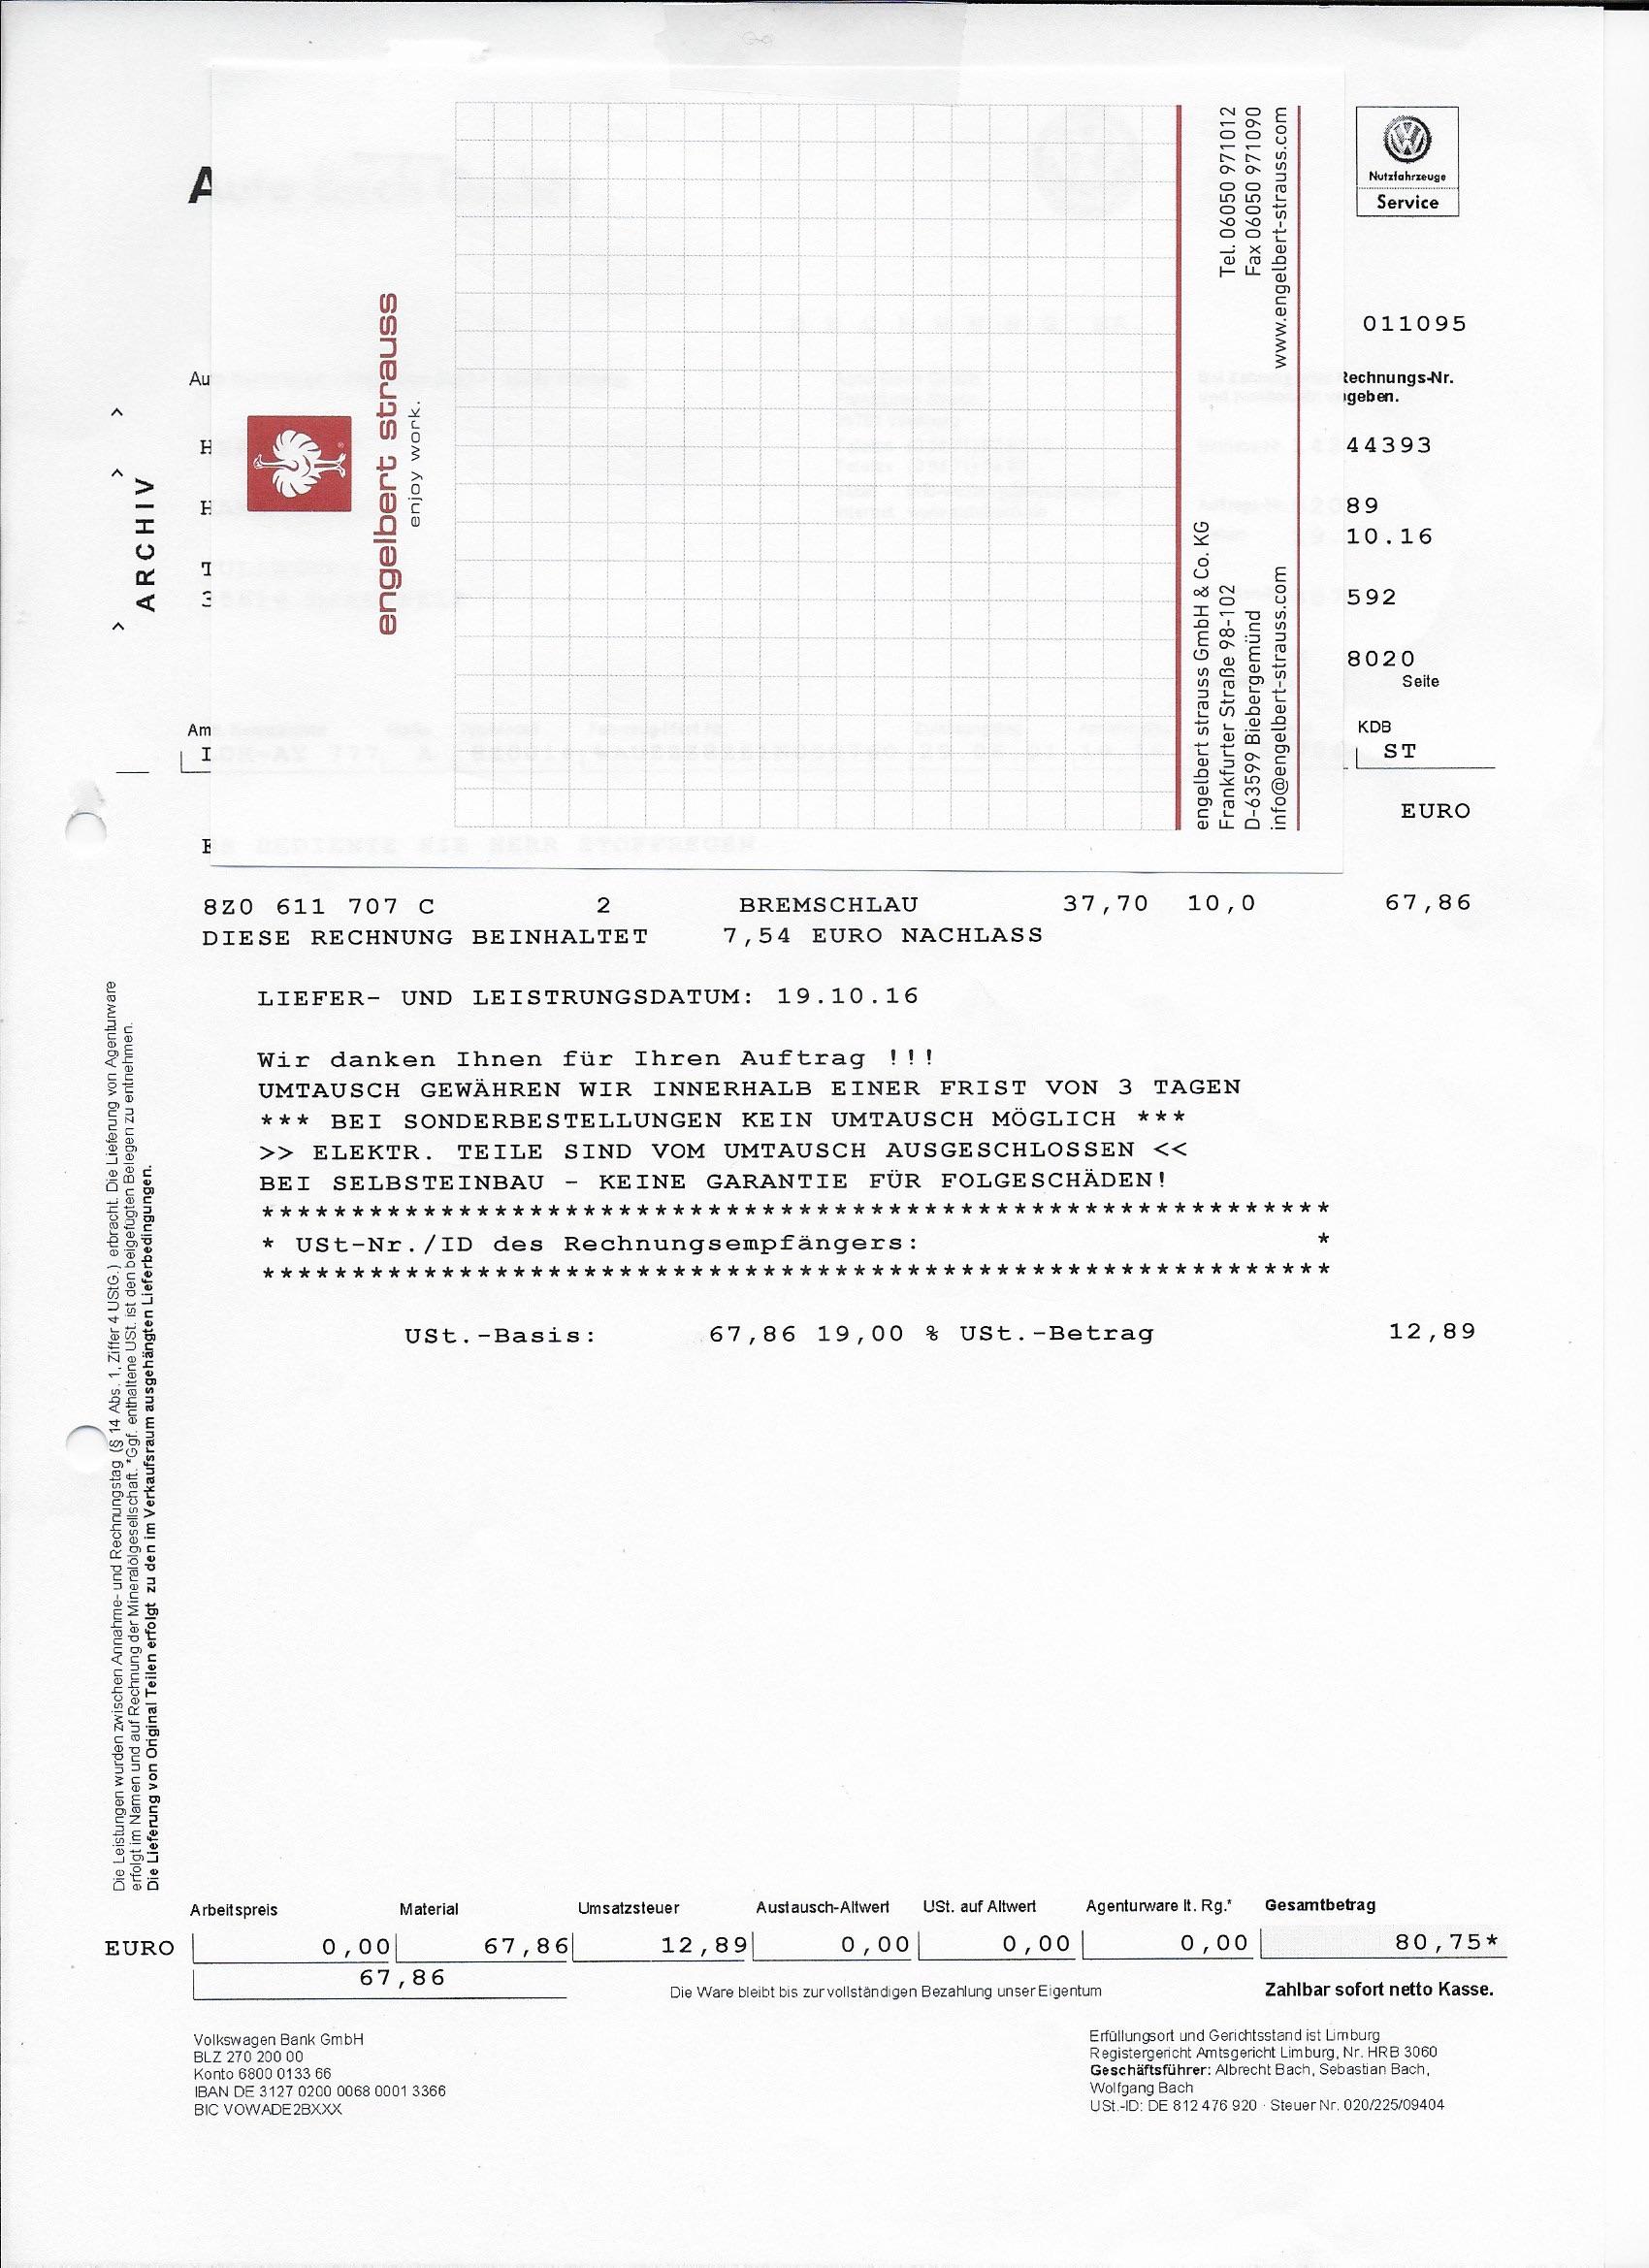 Bremsschlauch.jpg.24adb58a8d8ed0fa5c17fe966317e7ec.jpg